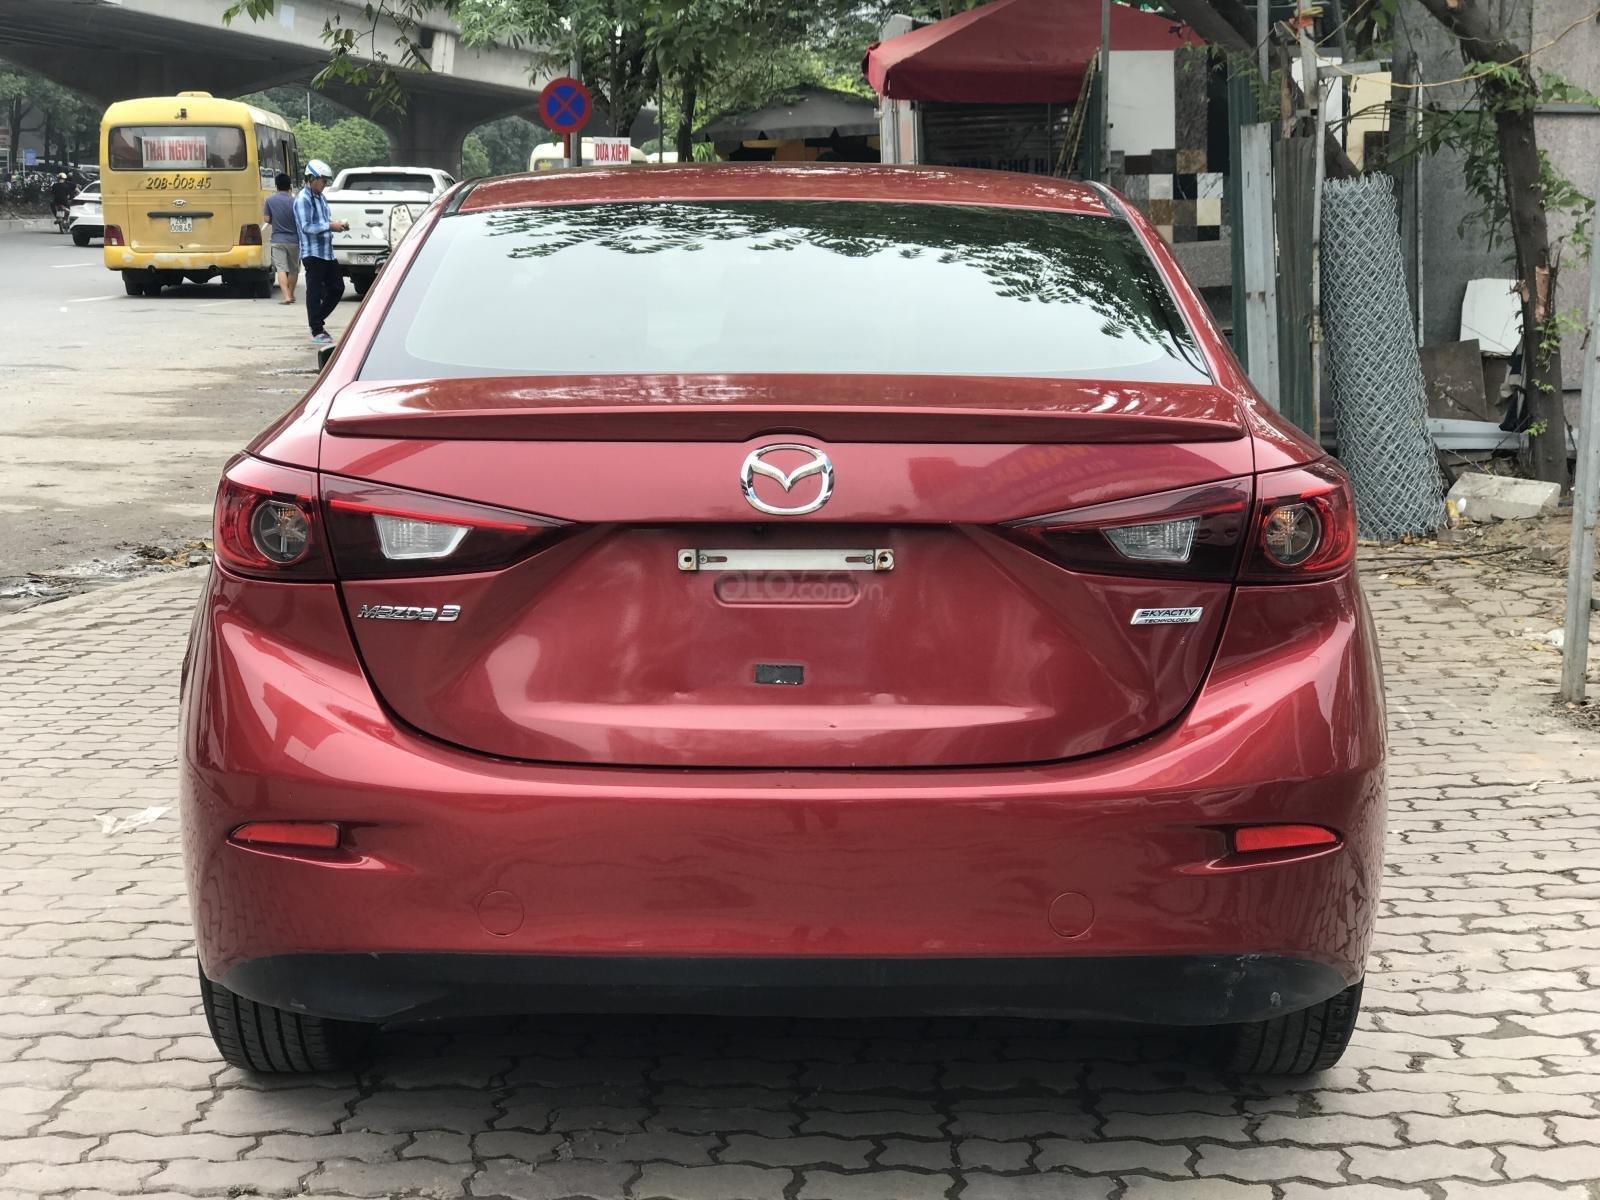 Bán xe Mazda 3 1.5 Facelift đời 2017, màu đỏ-3